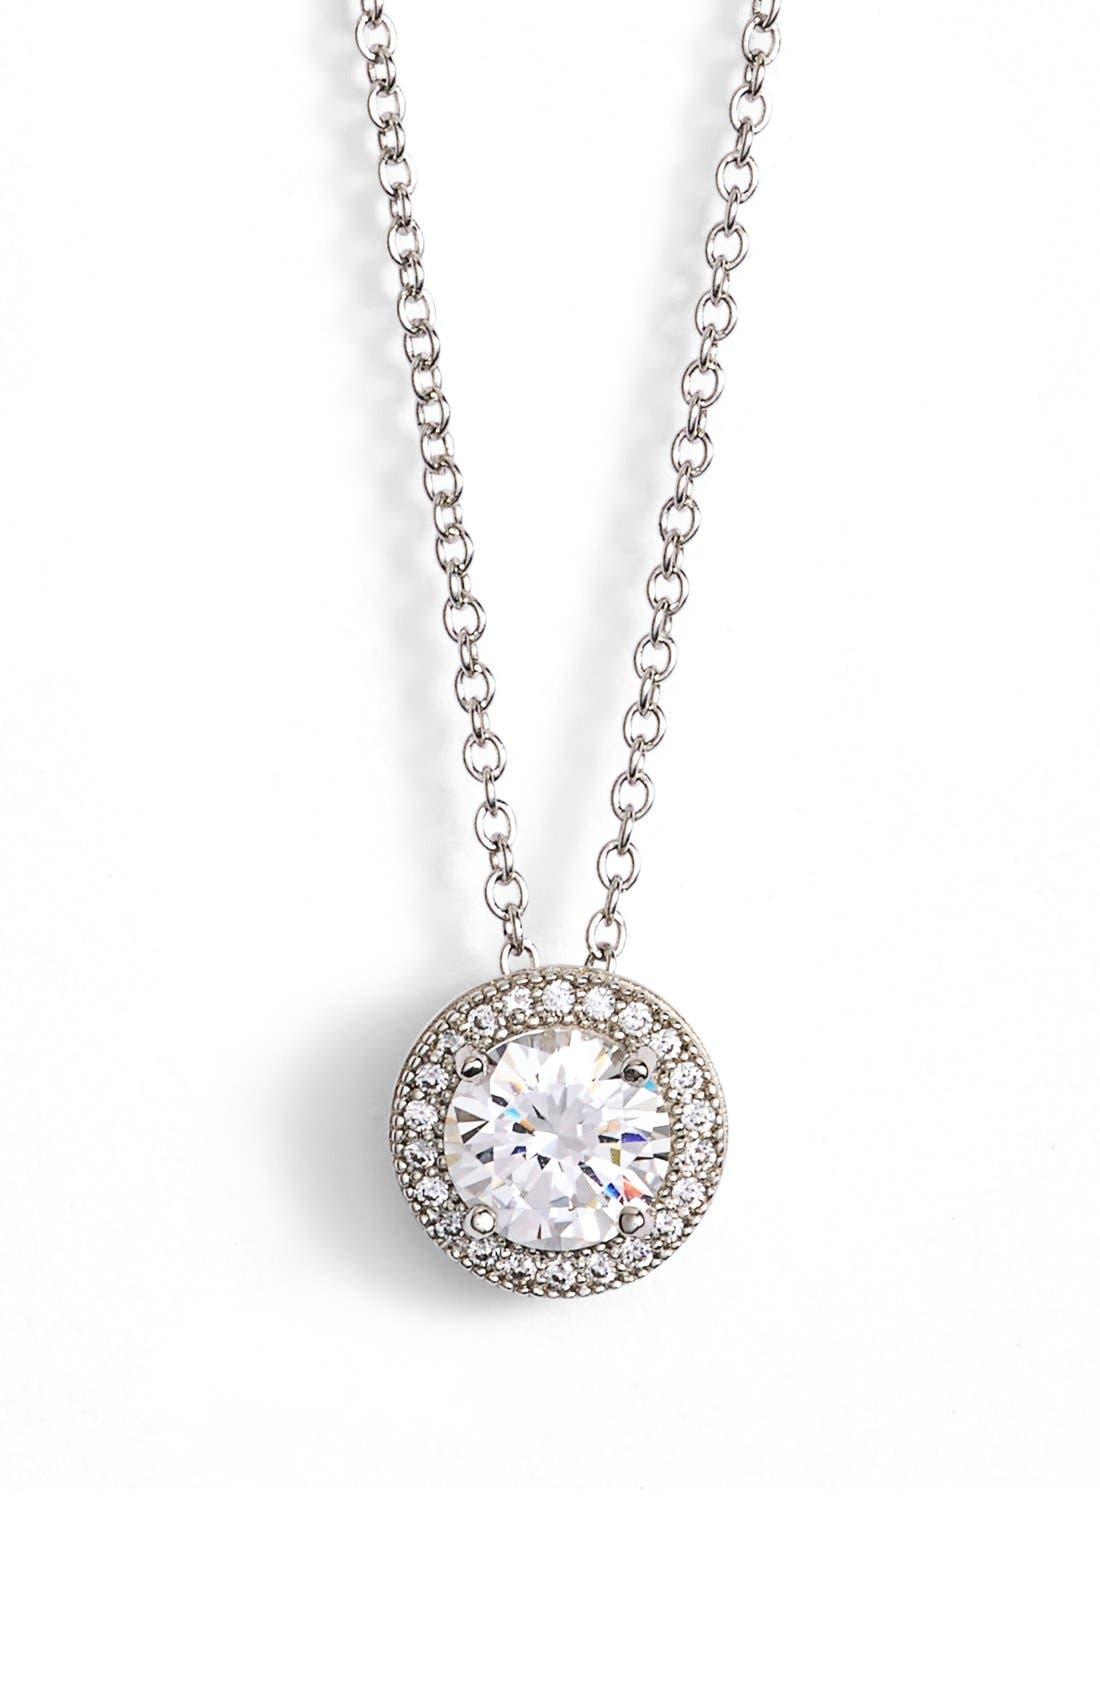 Lafonn'Lassaire' Pendant Necklace